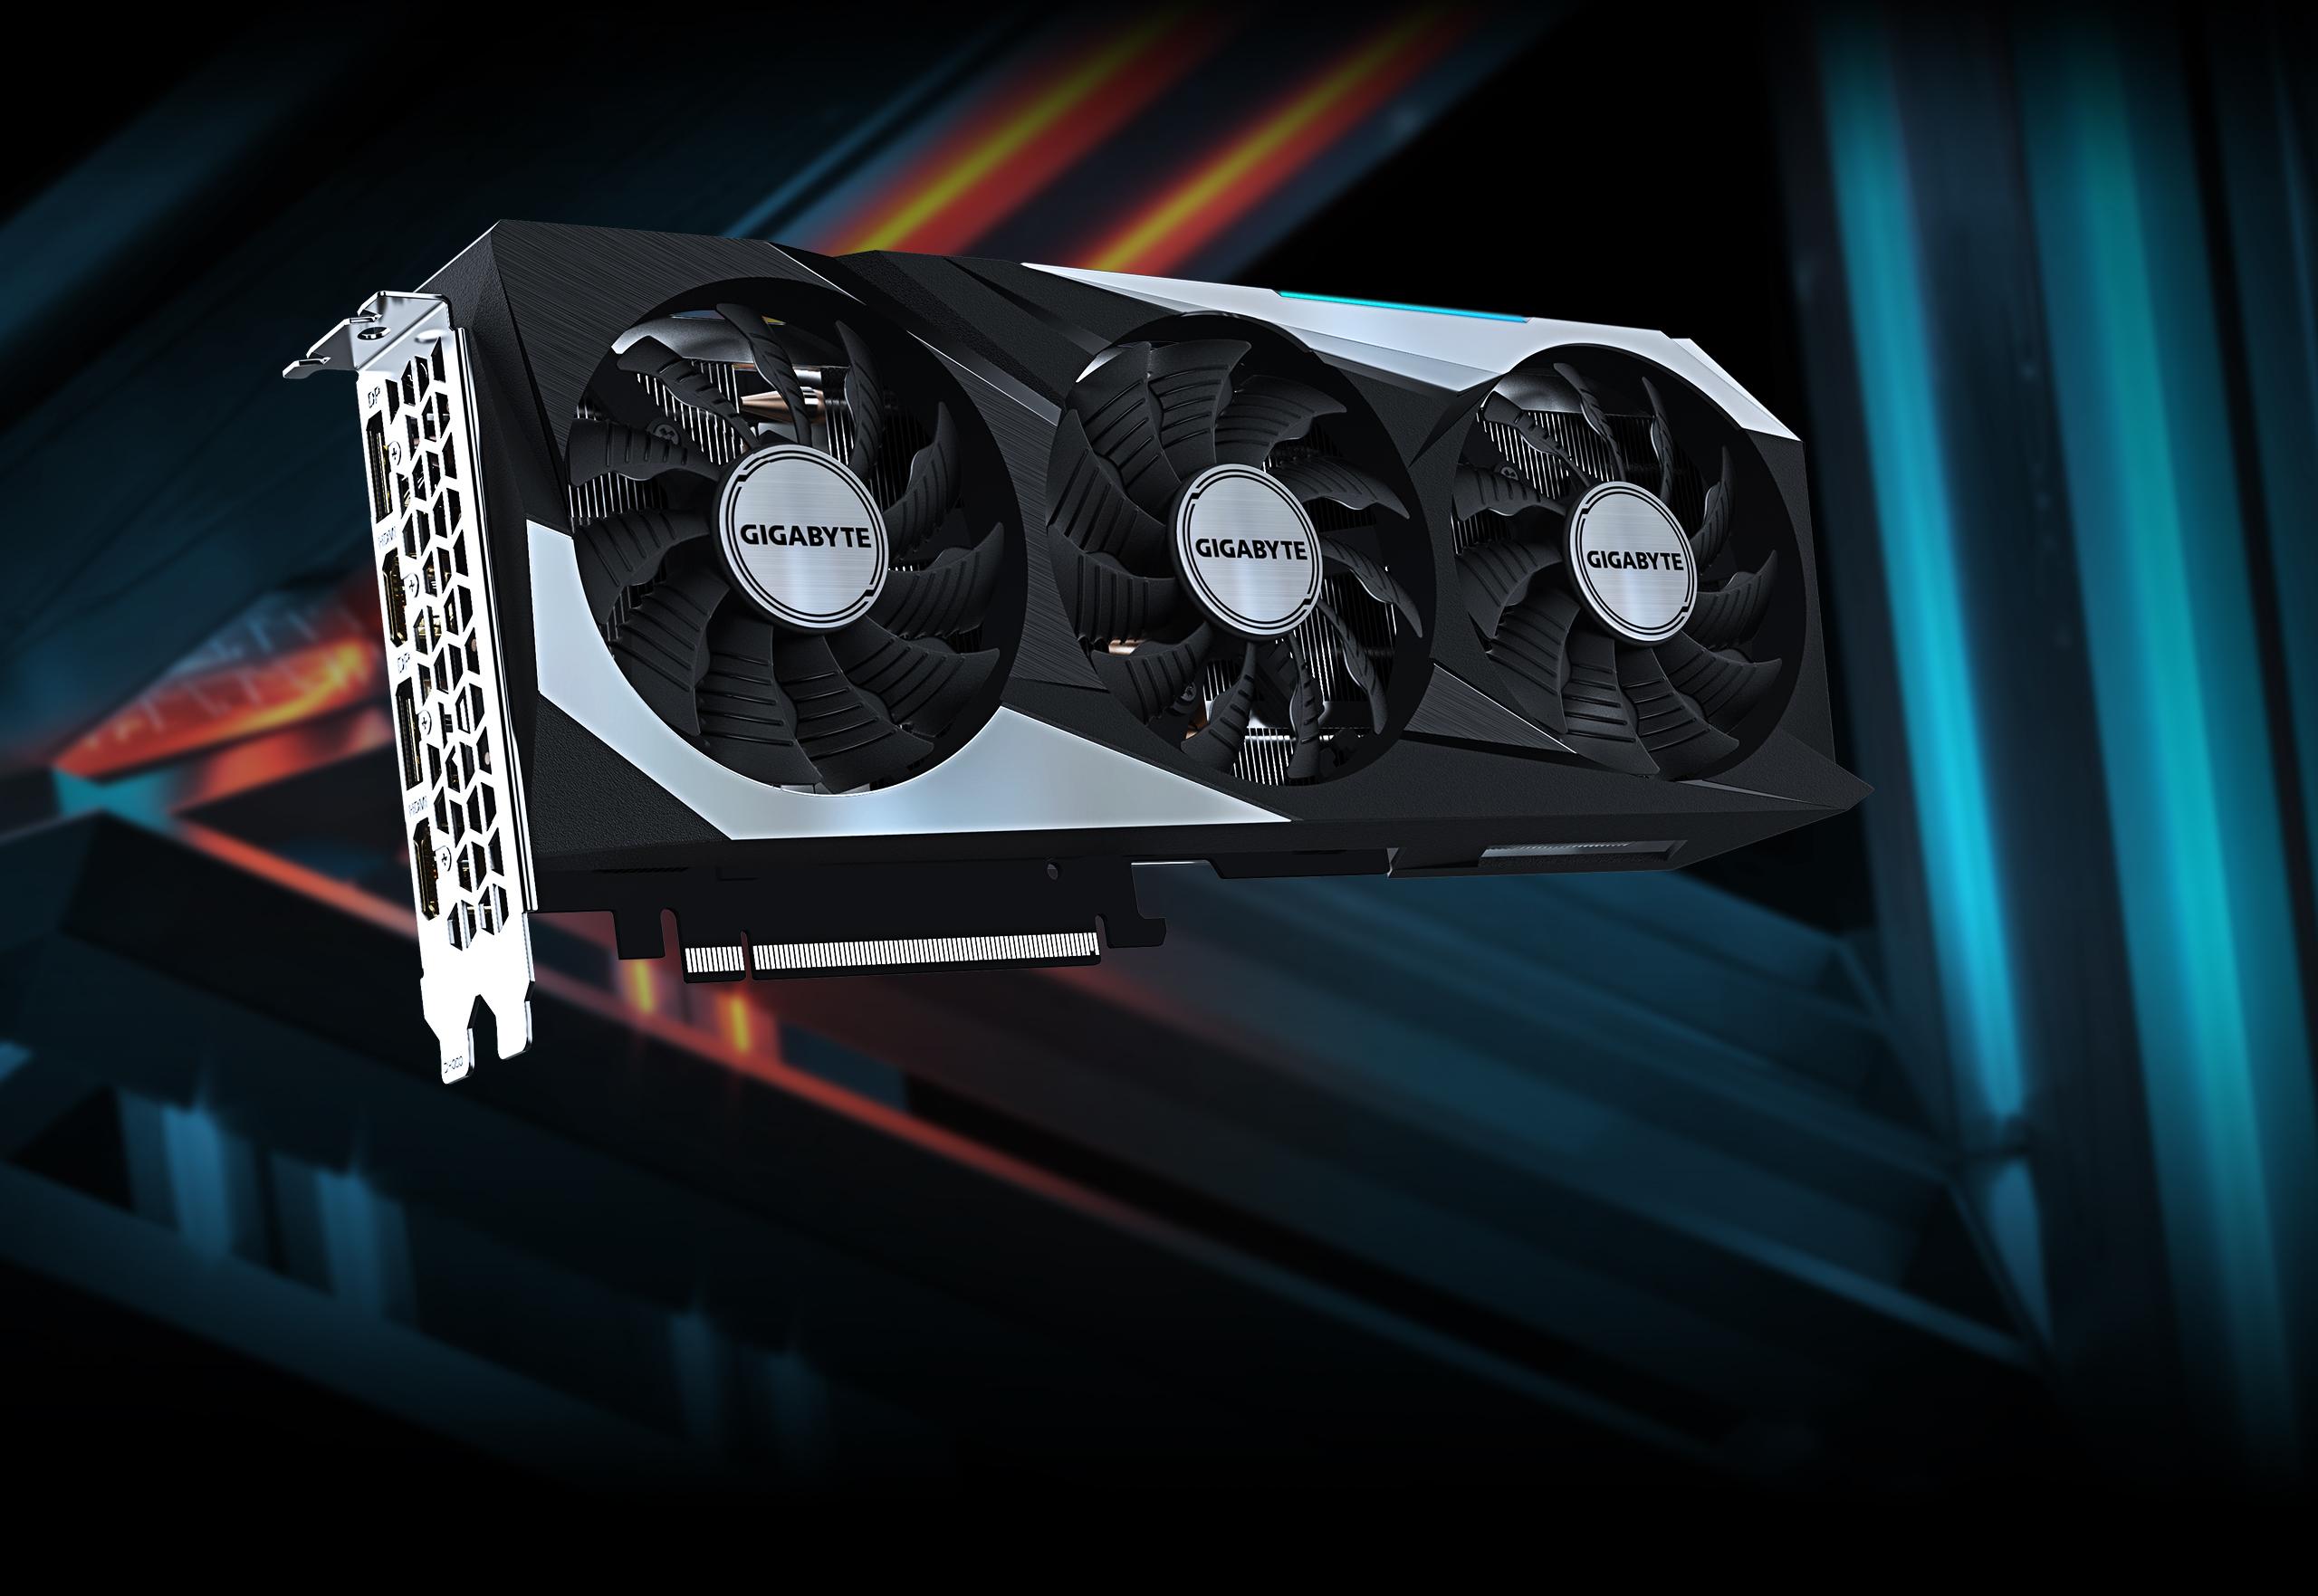 Gigabyte GeForce RTX 3070 GAMING OC 8G + Xigmatek Aurora 360 Liquid Cooler 9